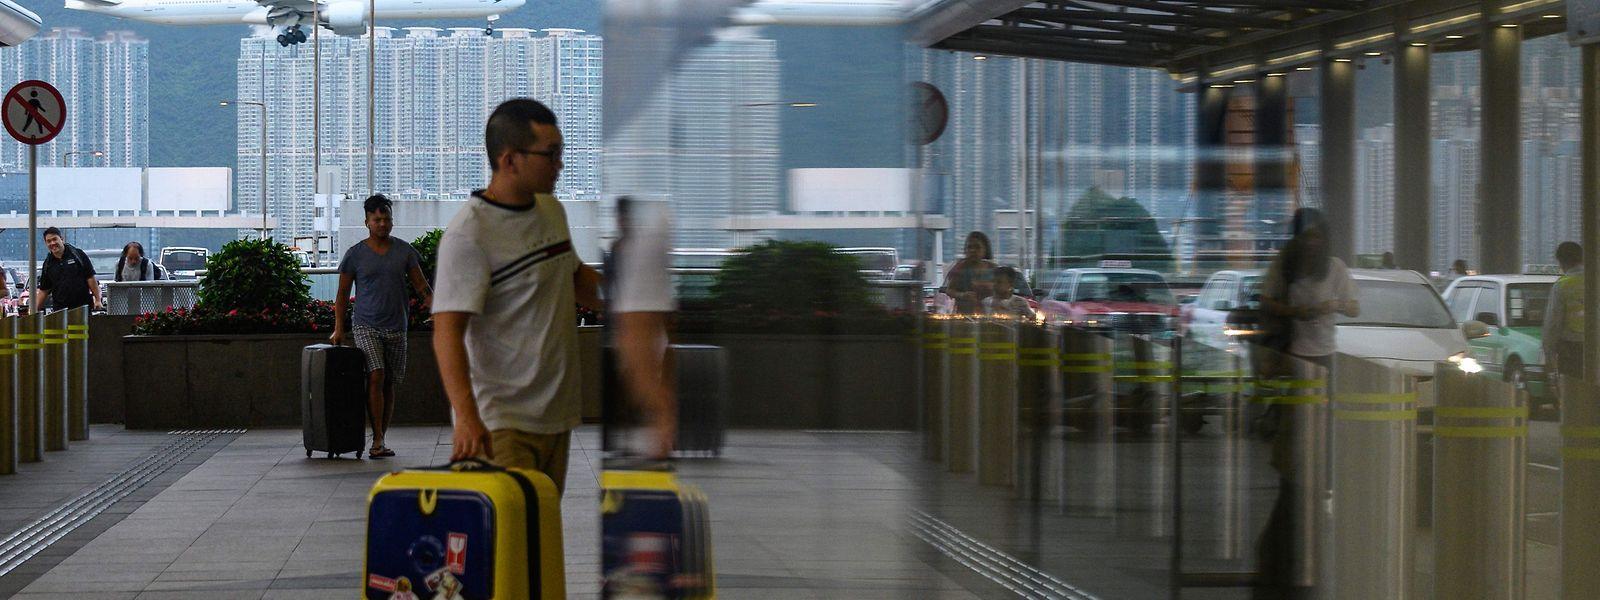 Retour à la normale à l'aéroport de Hong Kong, mais la tension demeure. Des chars de l'armée chinoise se sont positionnés à Shenzhen.